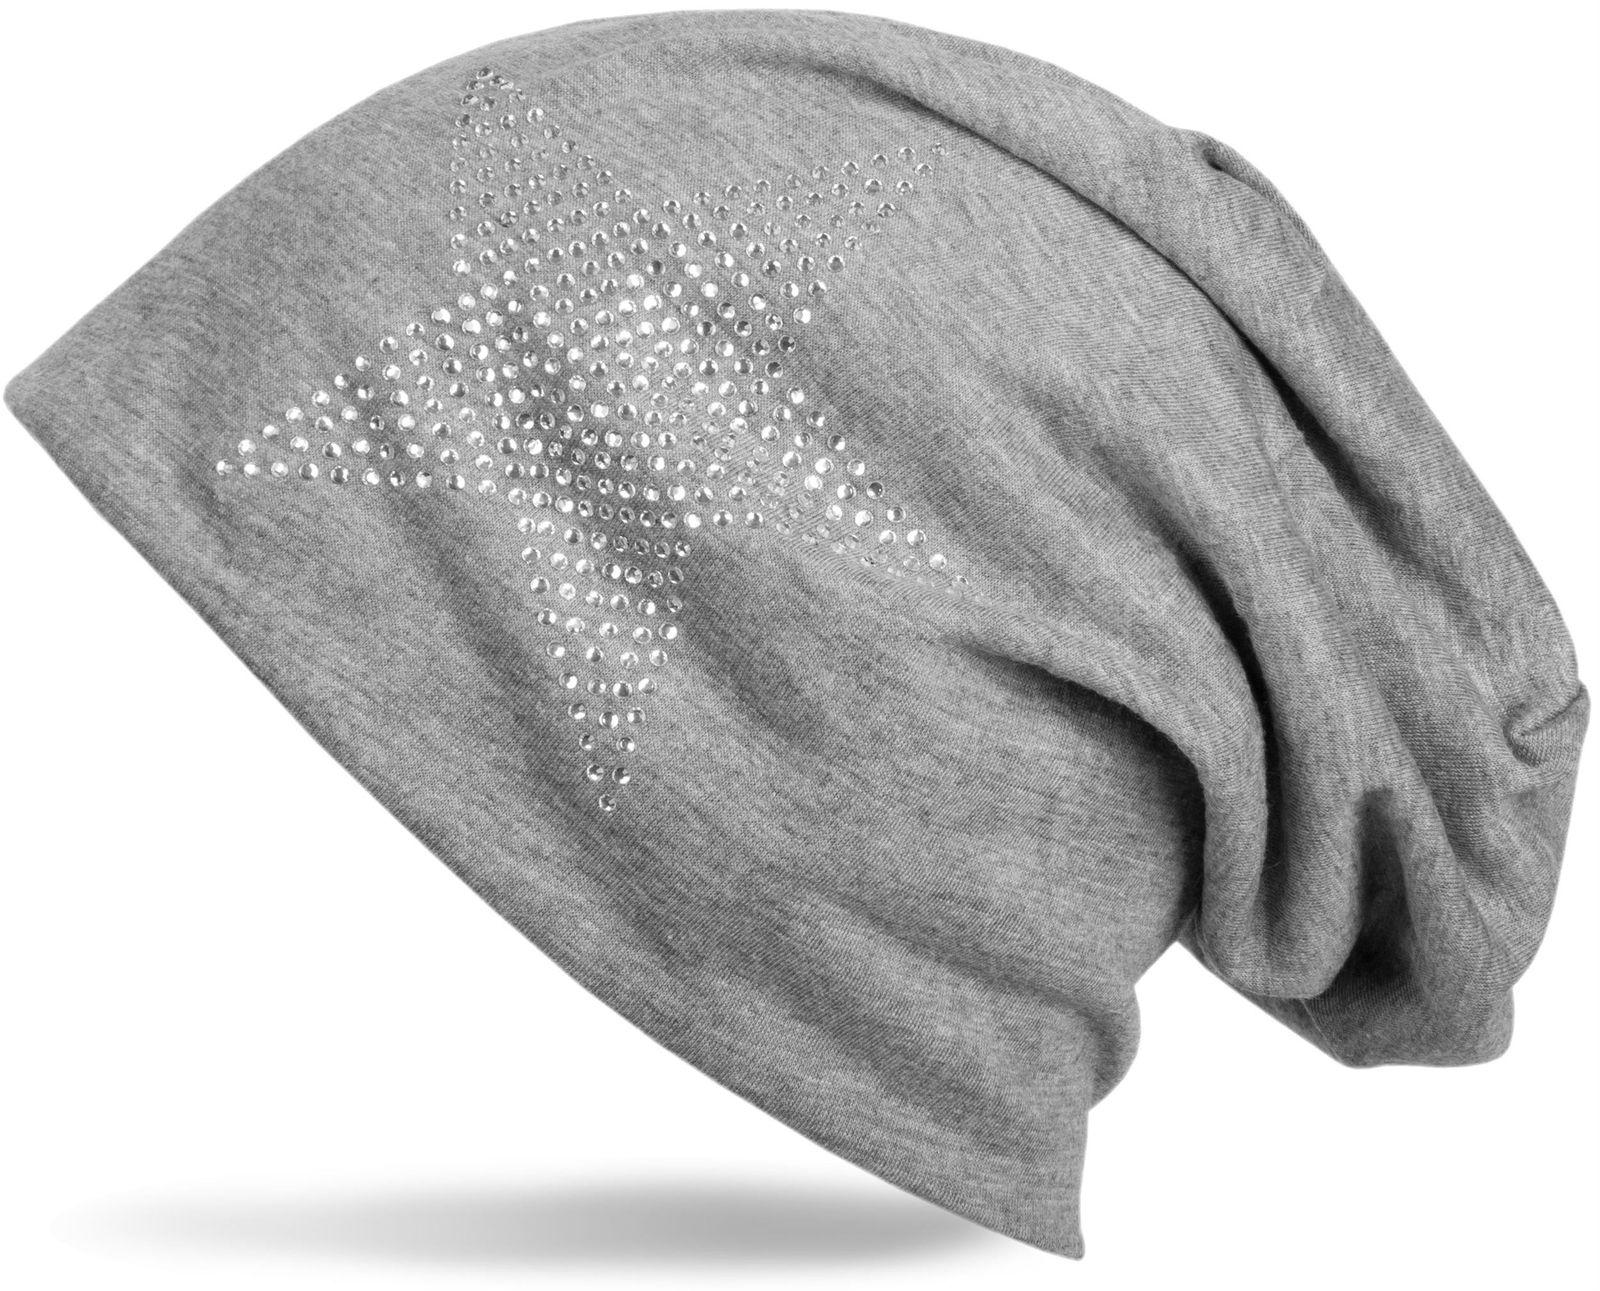 Cuffia beanie classica unisex con applique di strass e stelle